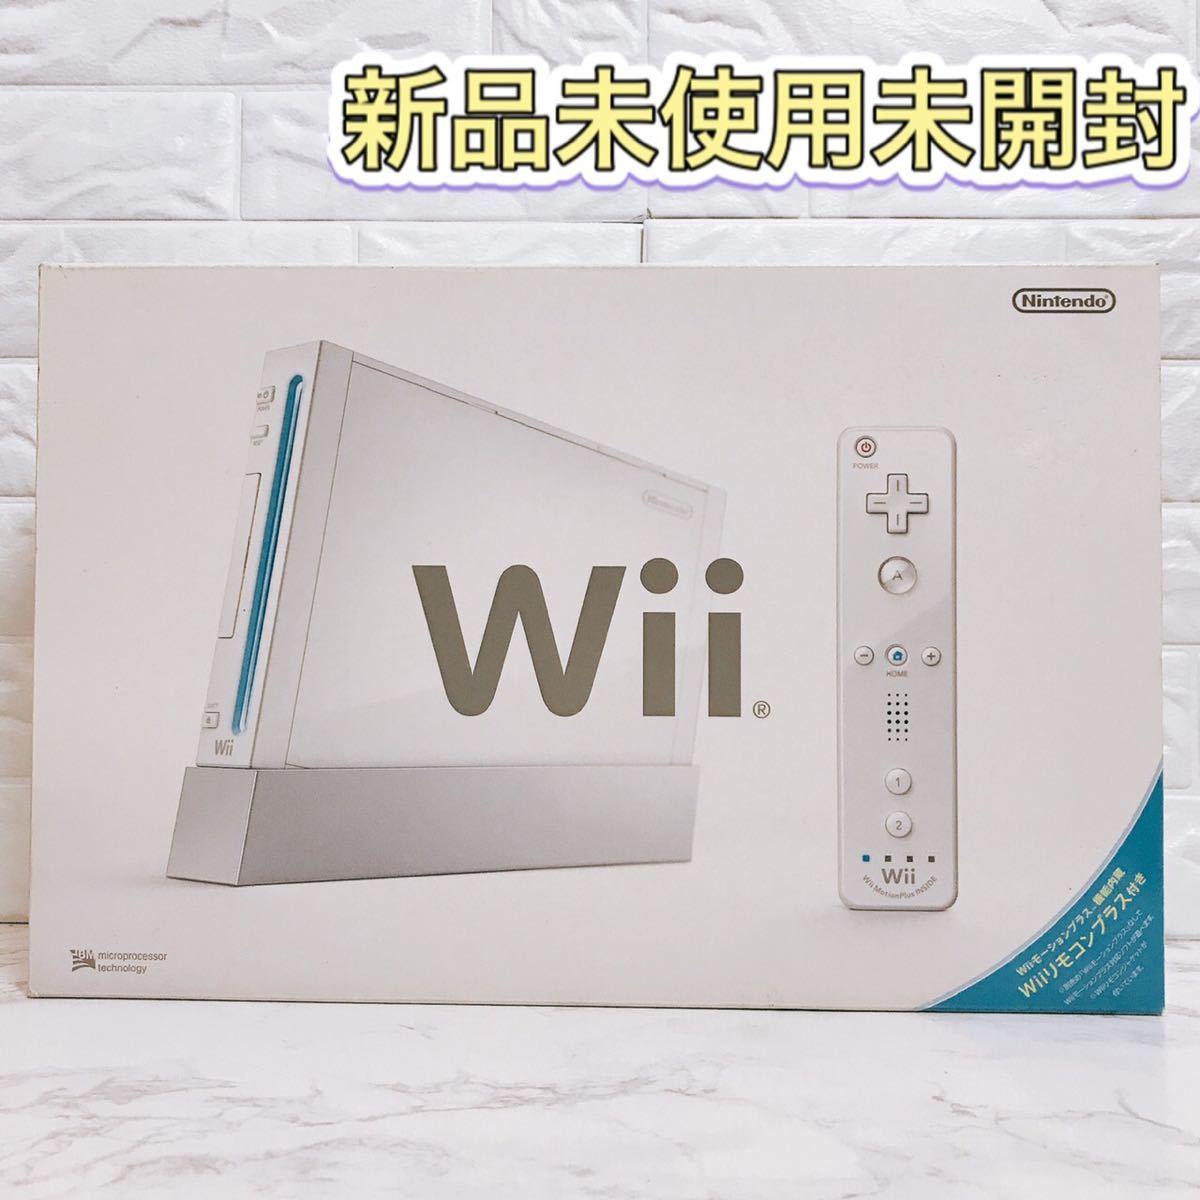 【新品未開封】ニンテンドー Wii 本体(シロ) リモコンプラス付き